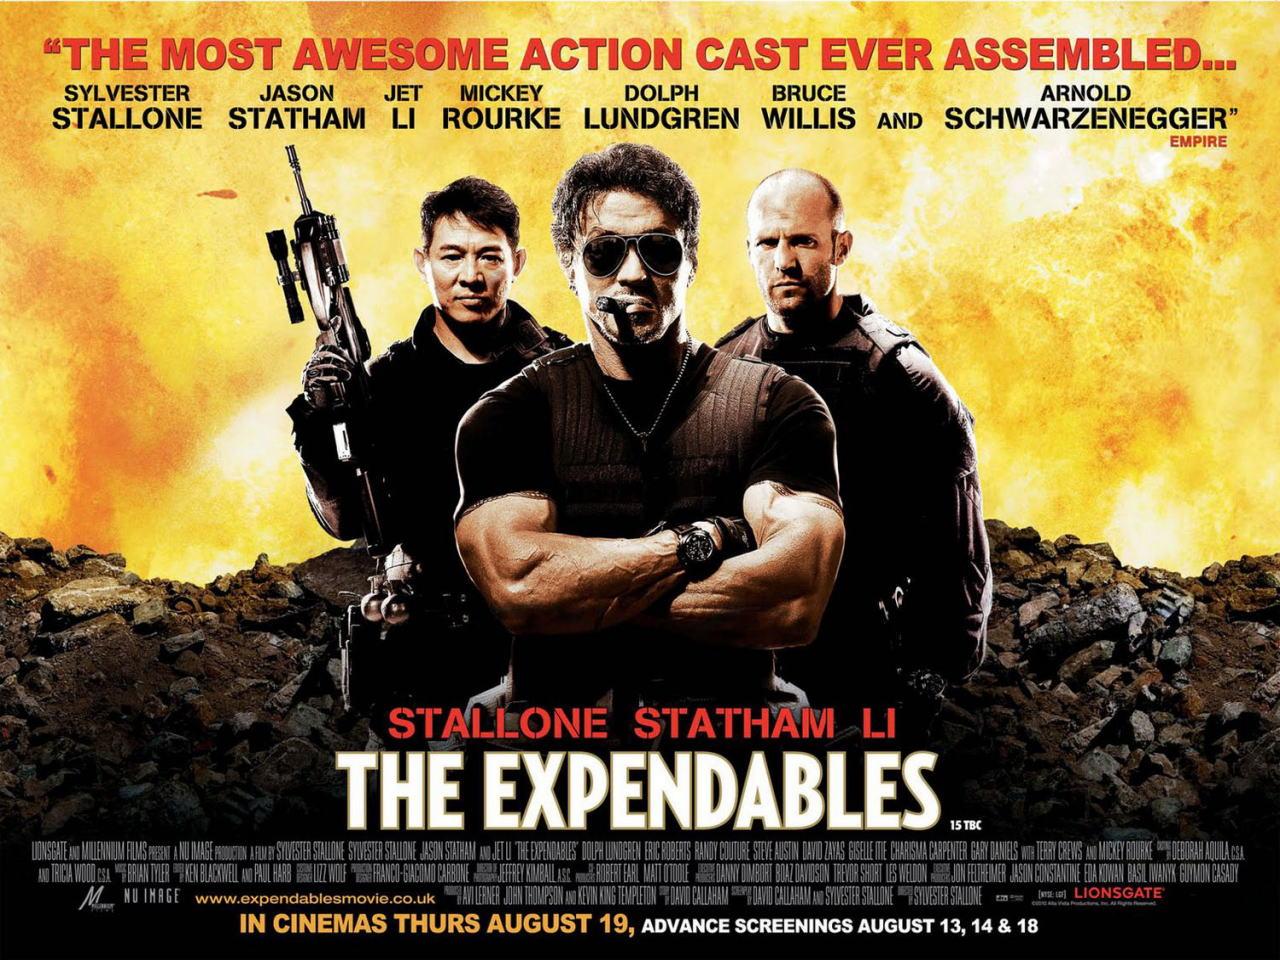 映画『エクスペンダブルズ PROMETHEUS』ポスター(8)▼ポスター画像クリックで拡大します。